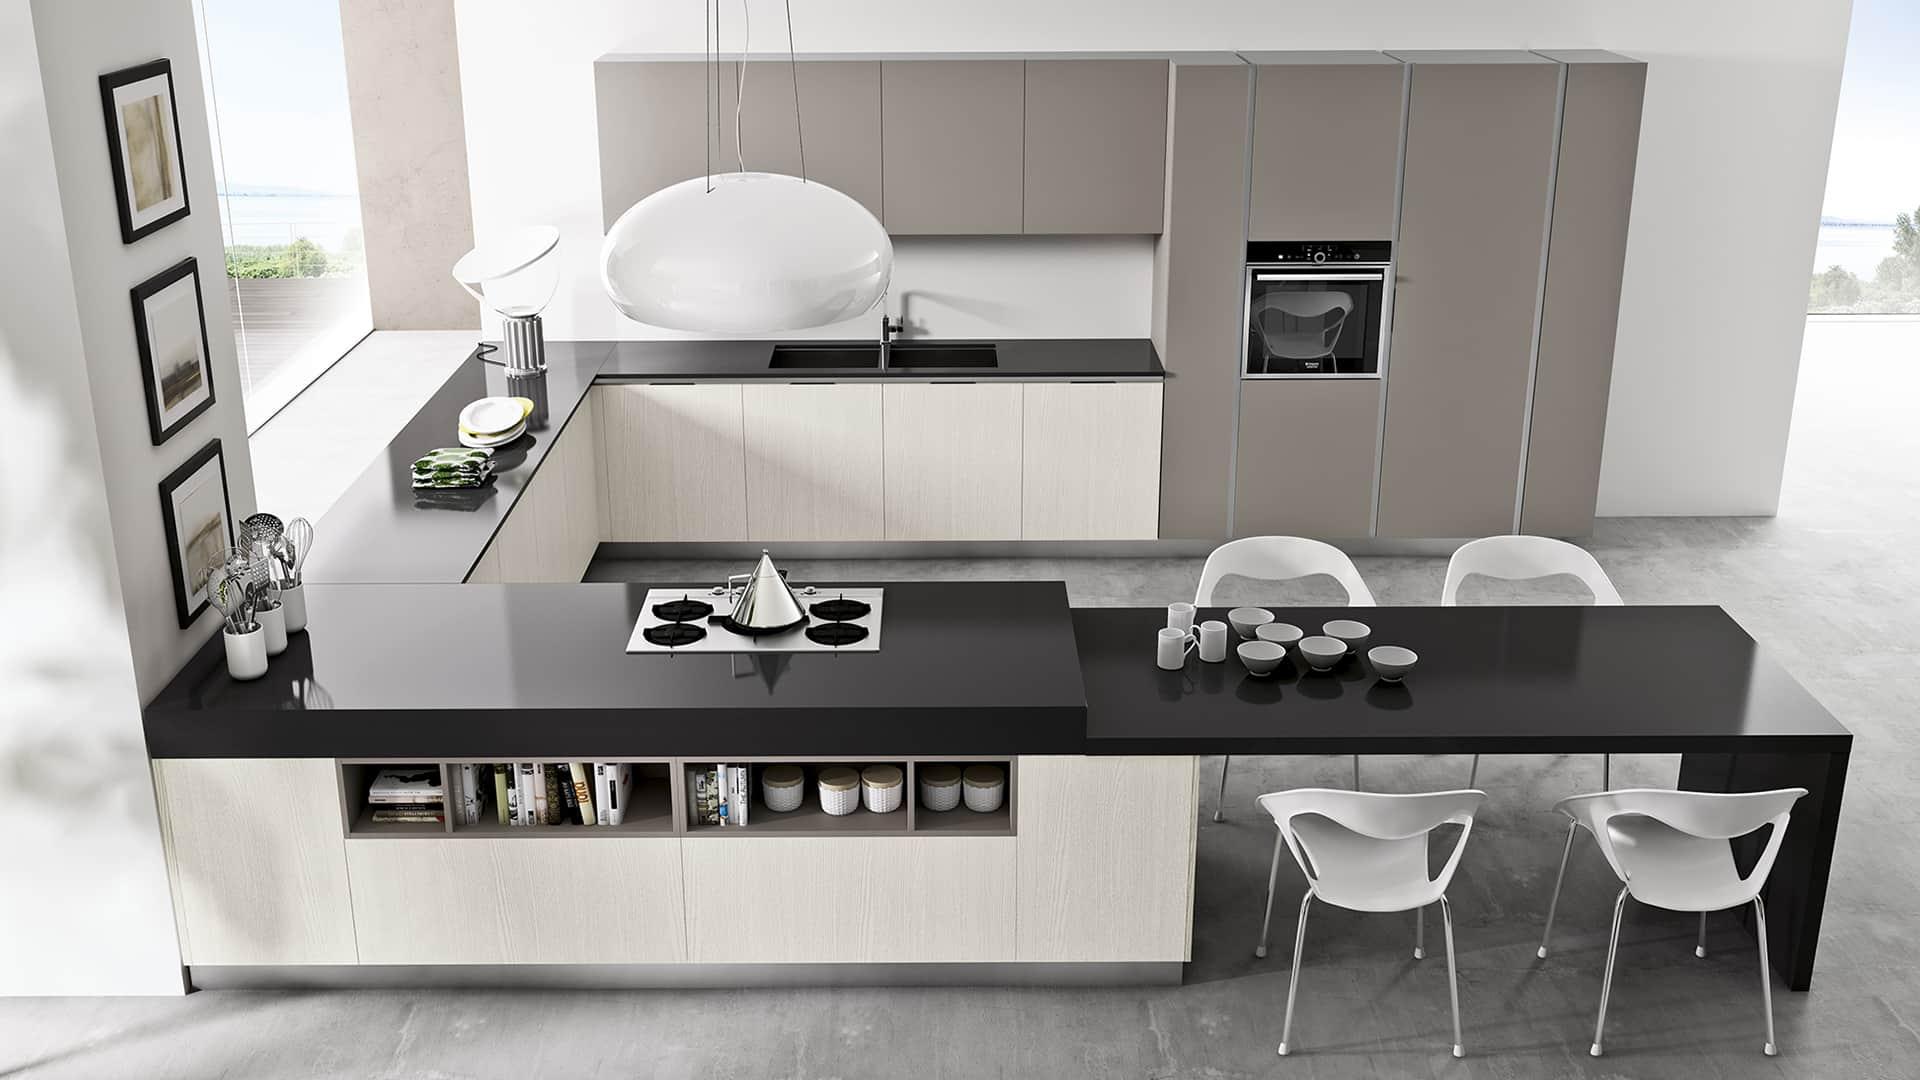 Cucine angolari moderne a padova - Cucine ad angolo con penisola ...